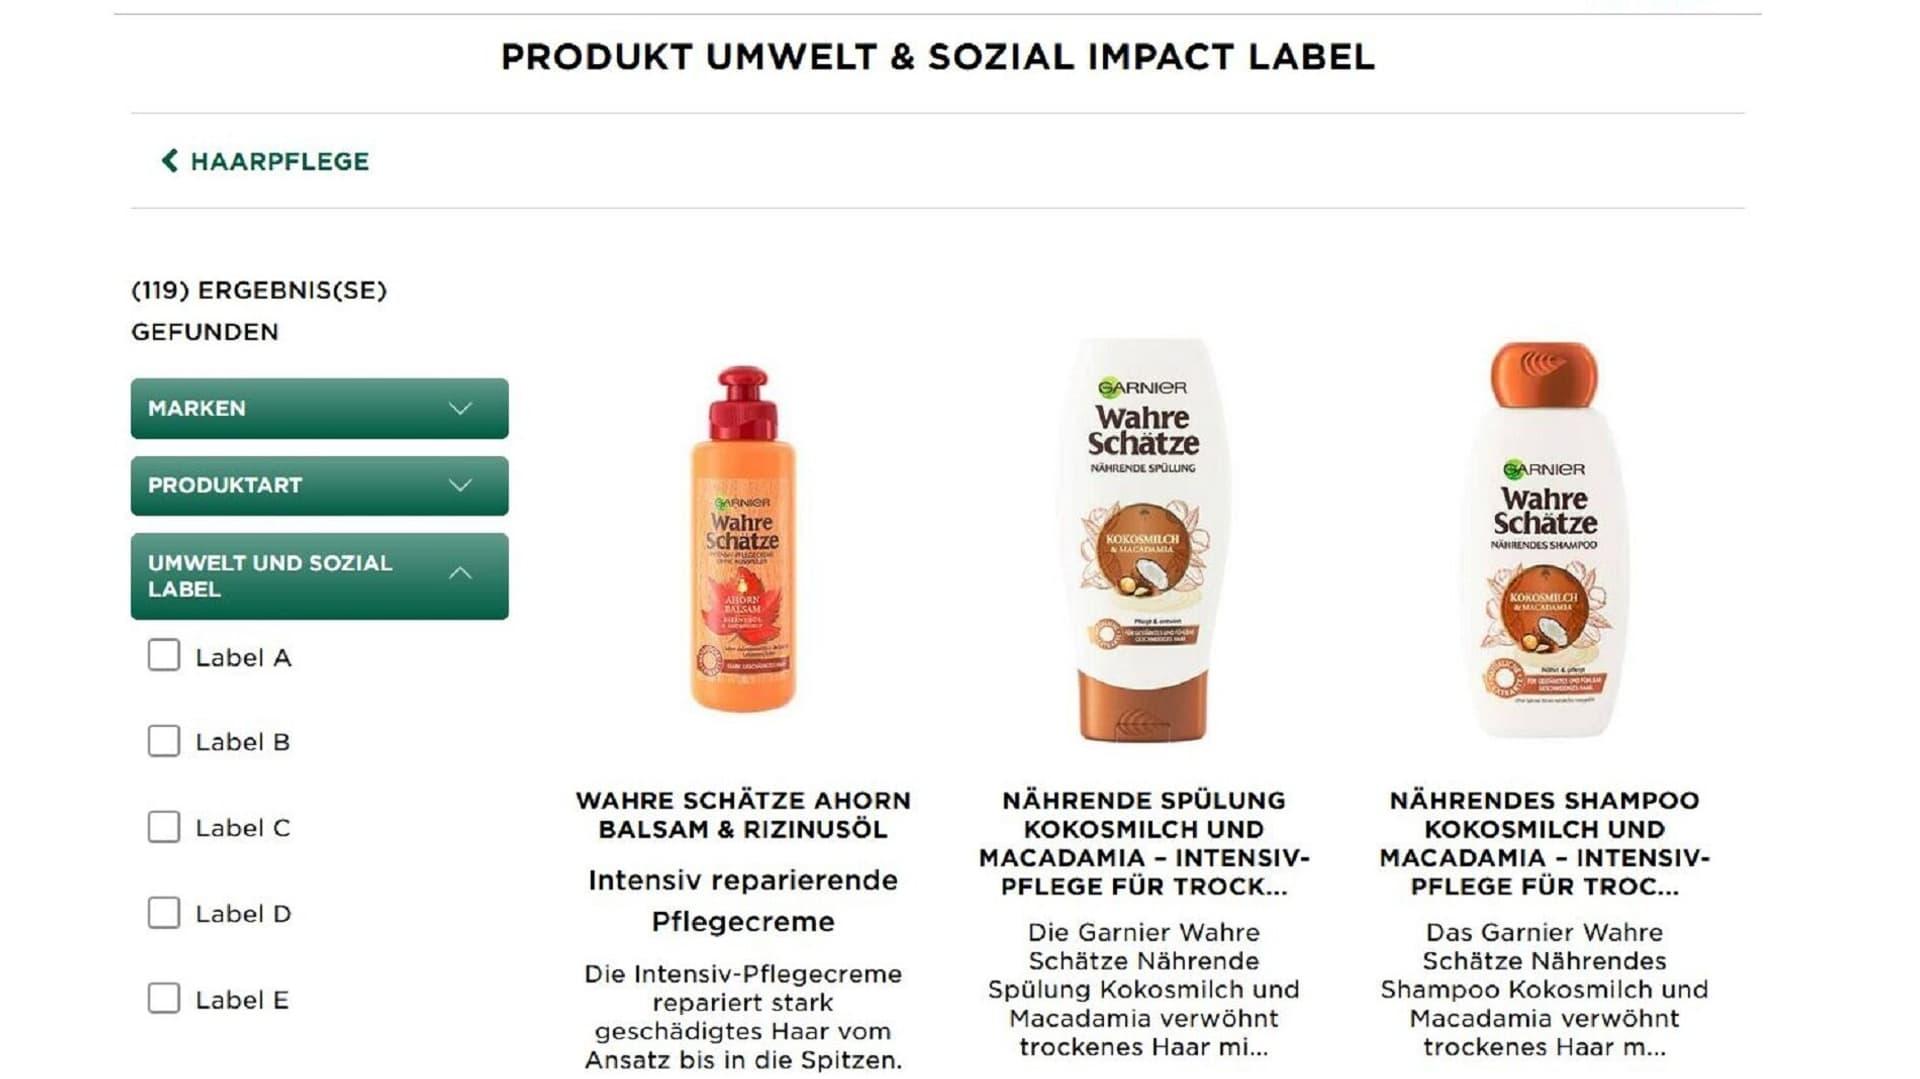 L'Oréal Garnier Produkte, Produkt Umwelt & Sozial Impact Label, Nachhaltigkeit